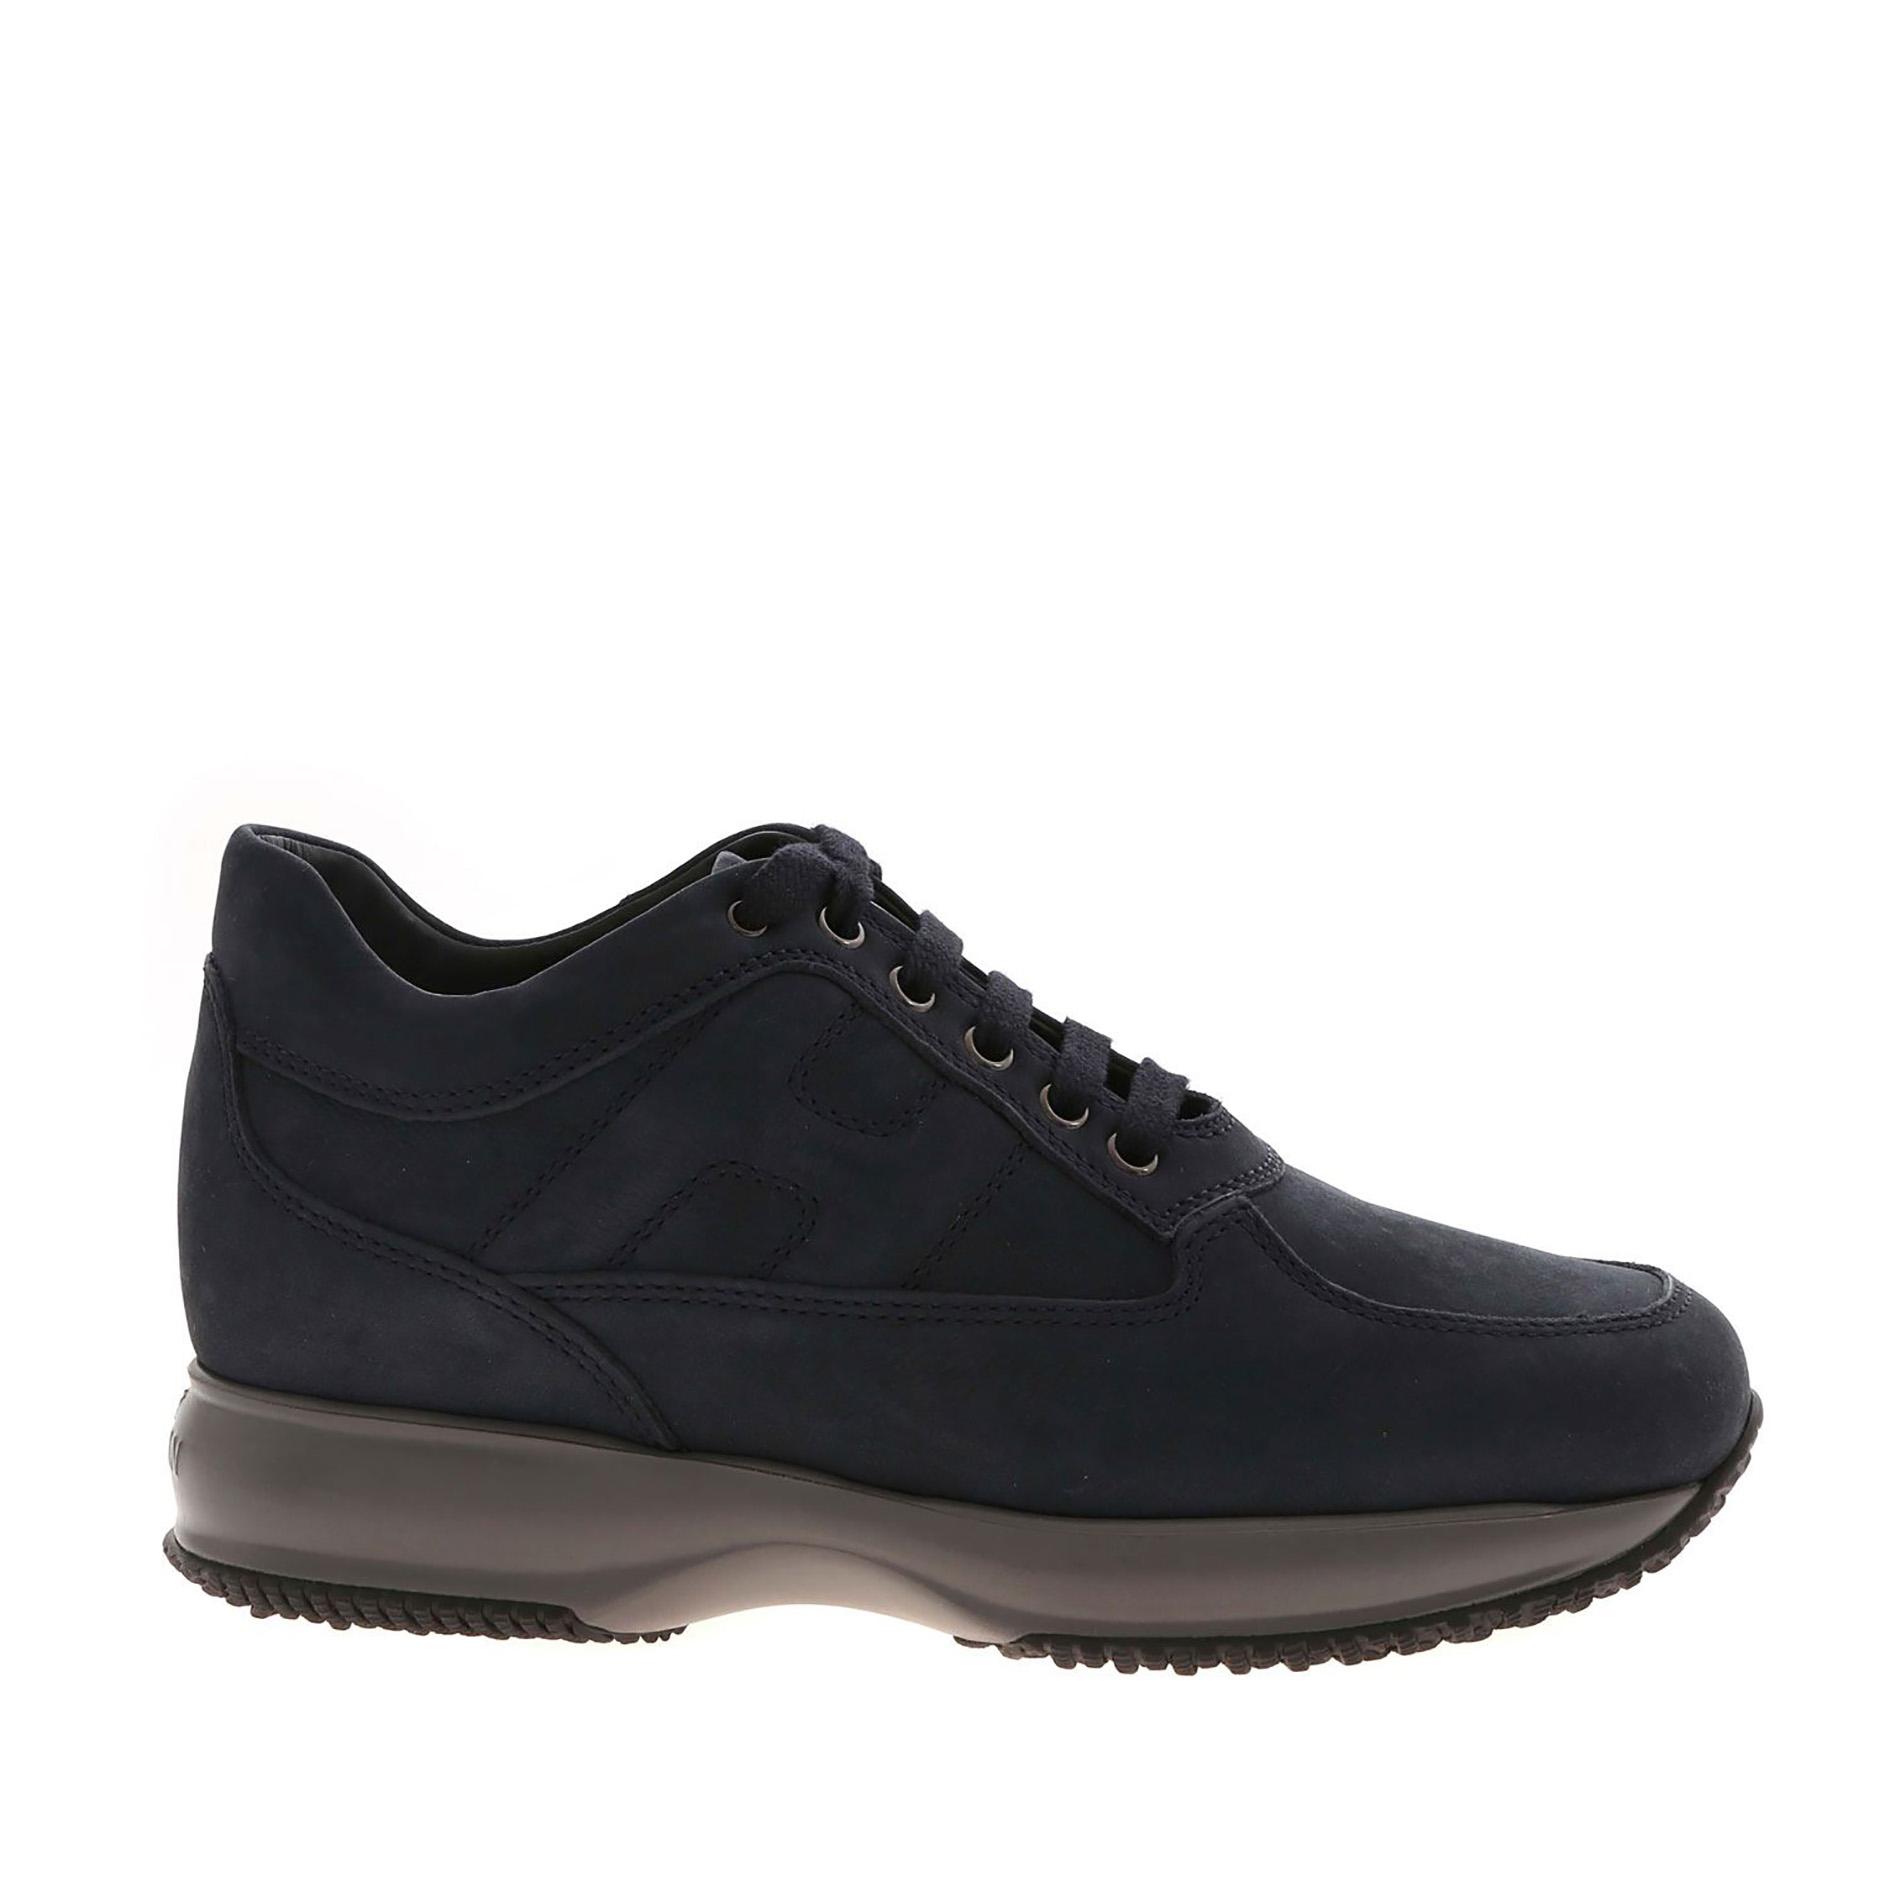 Sneakers Interactive Hogan HXM00N000106RNU810 -A.1